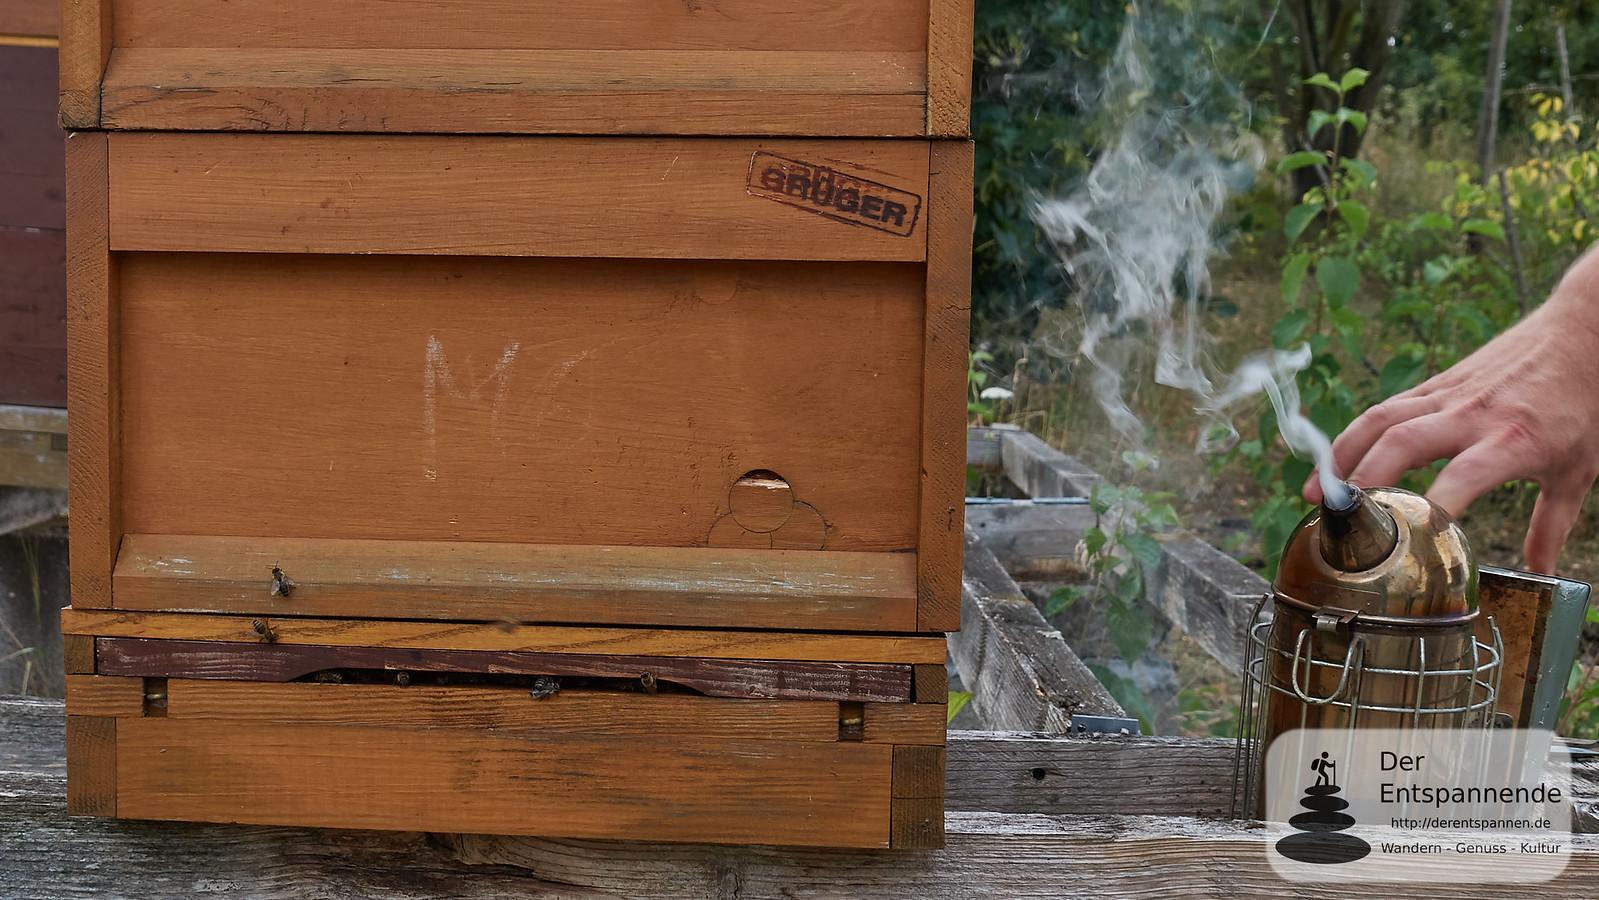 Rauch alarmiert Bienen, lässt sie Fressanfall bekommen